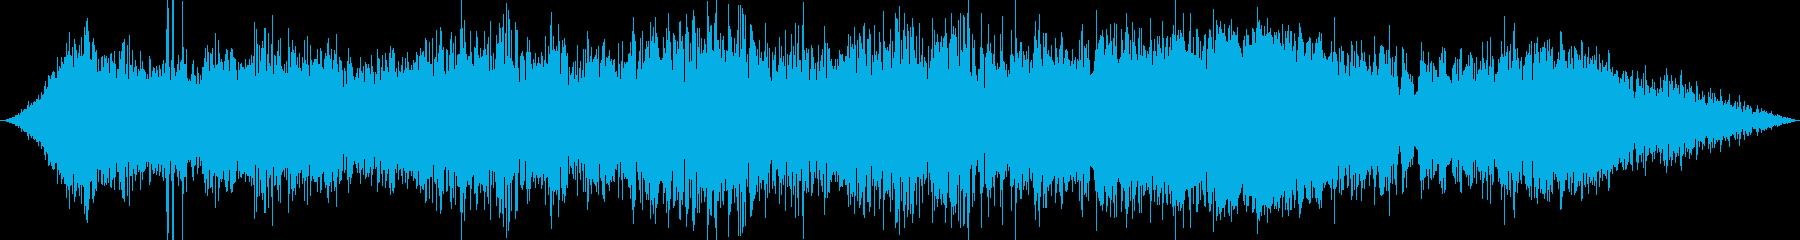 スキャナー長距離高ピンポイント周波数干渉の再生済みの波形